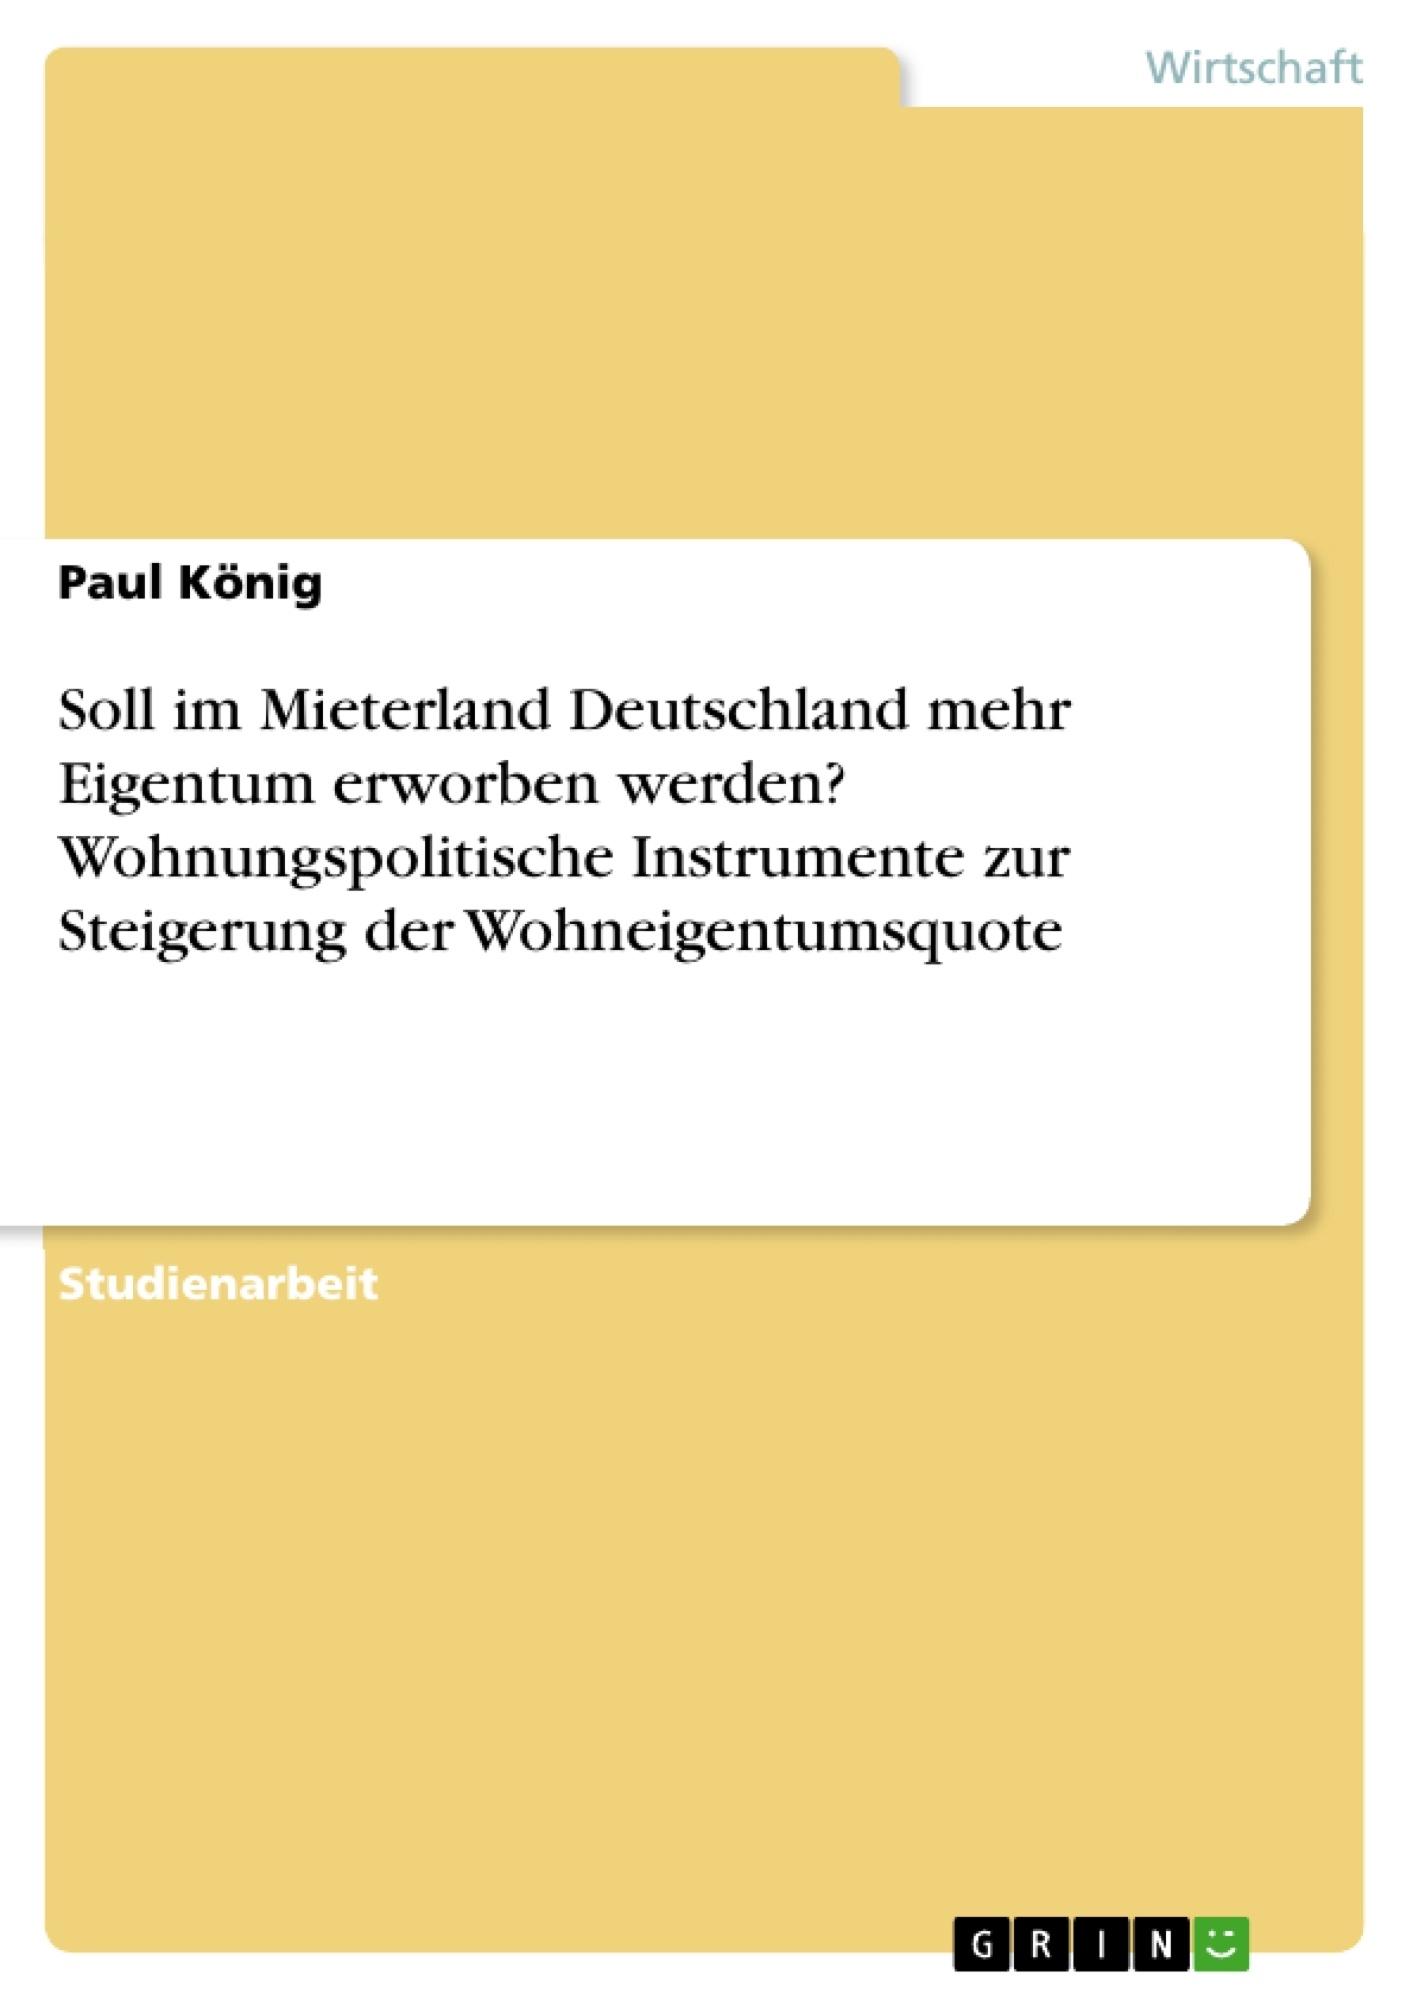 Titel: Soll im Mieterland Deutschland mehr Eigentum erworben werden? Wohnungspolitische Instrumente zur Steigerung der Wohneigentumsquote